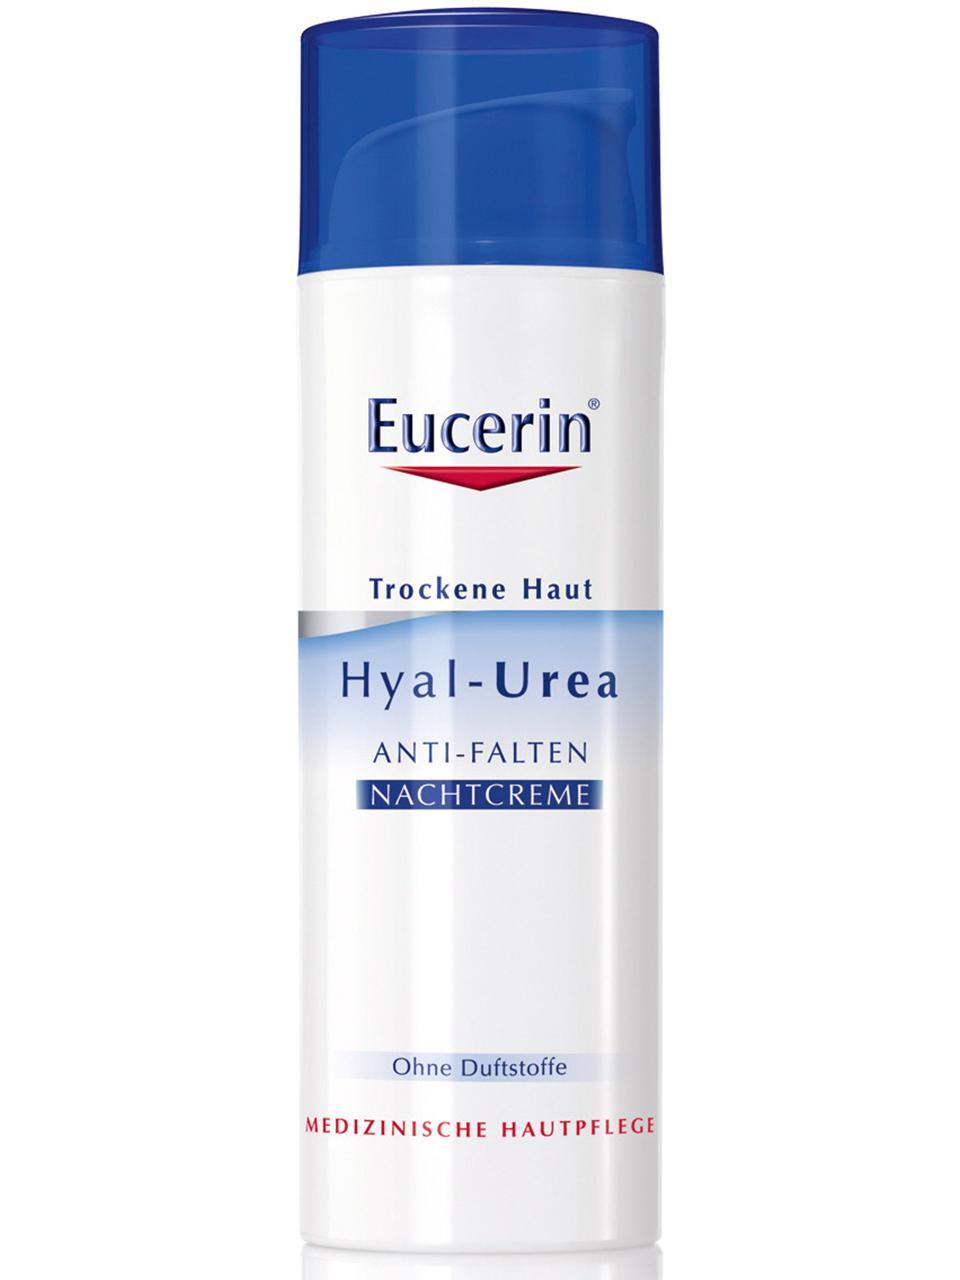 Eucerin Hyal-Urea ANTI-FALTEN Nachtpflege